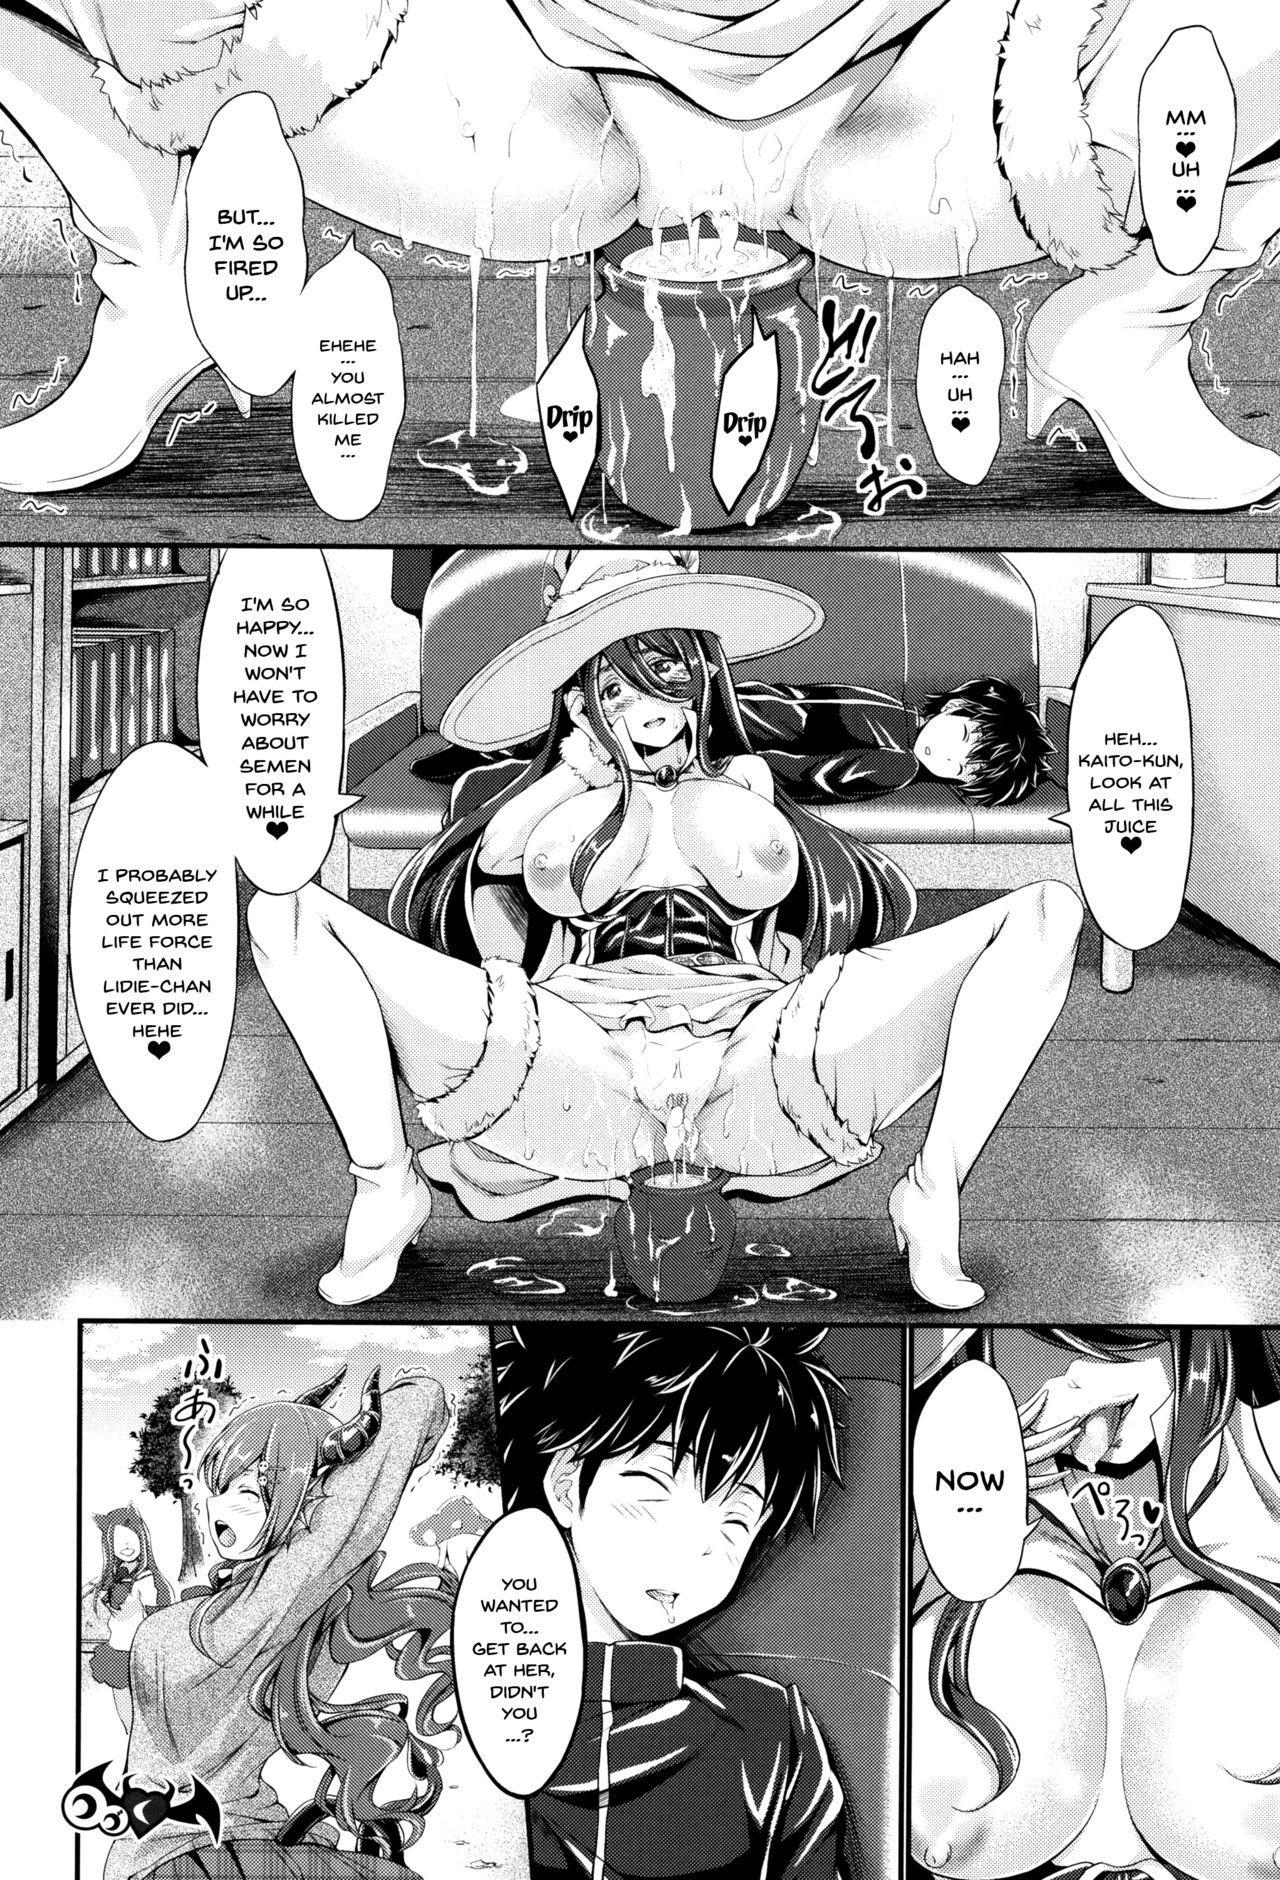 [Kimura Neito] Non-Human Life Ch.1-2 [English] {Doujins.com} 27